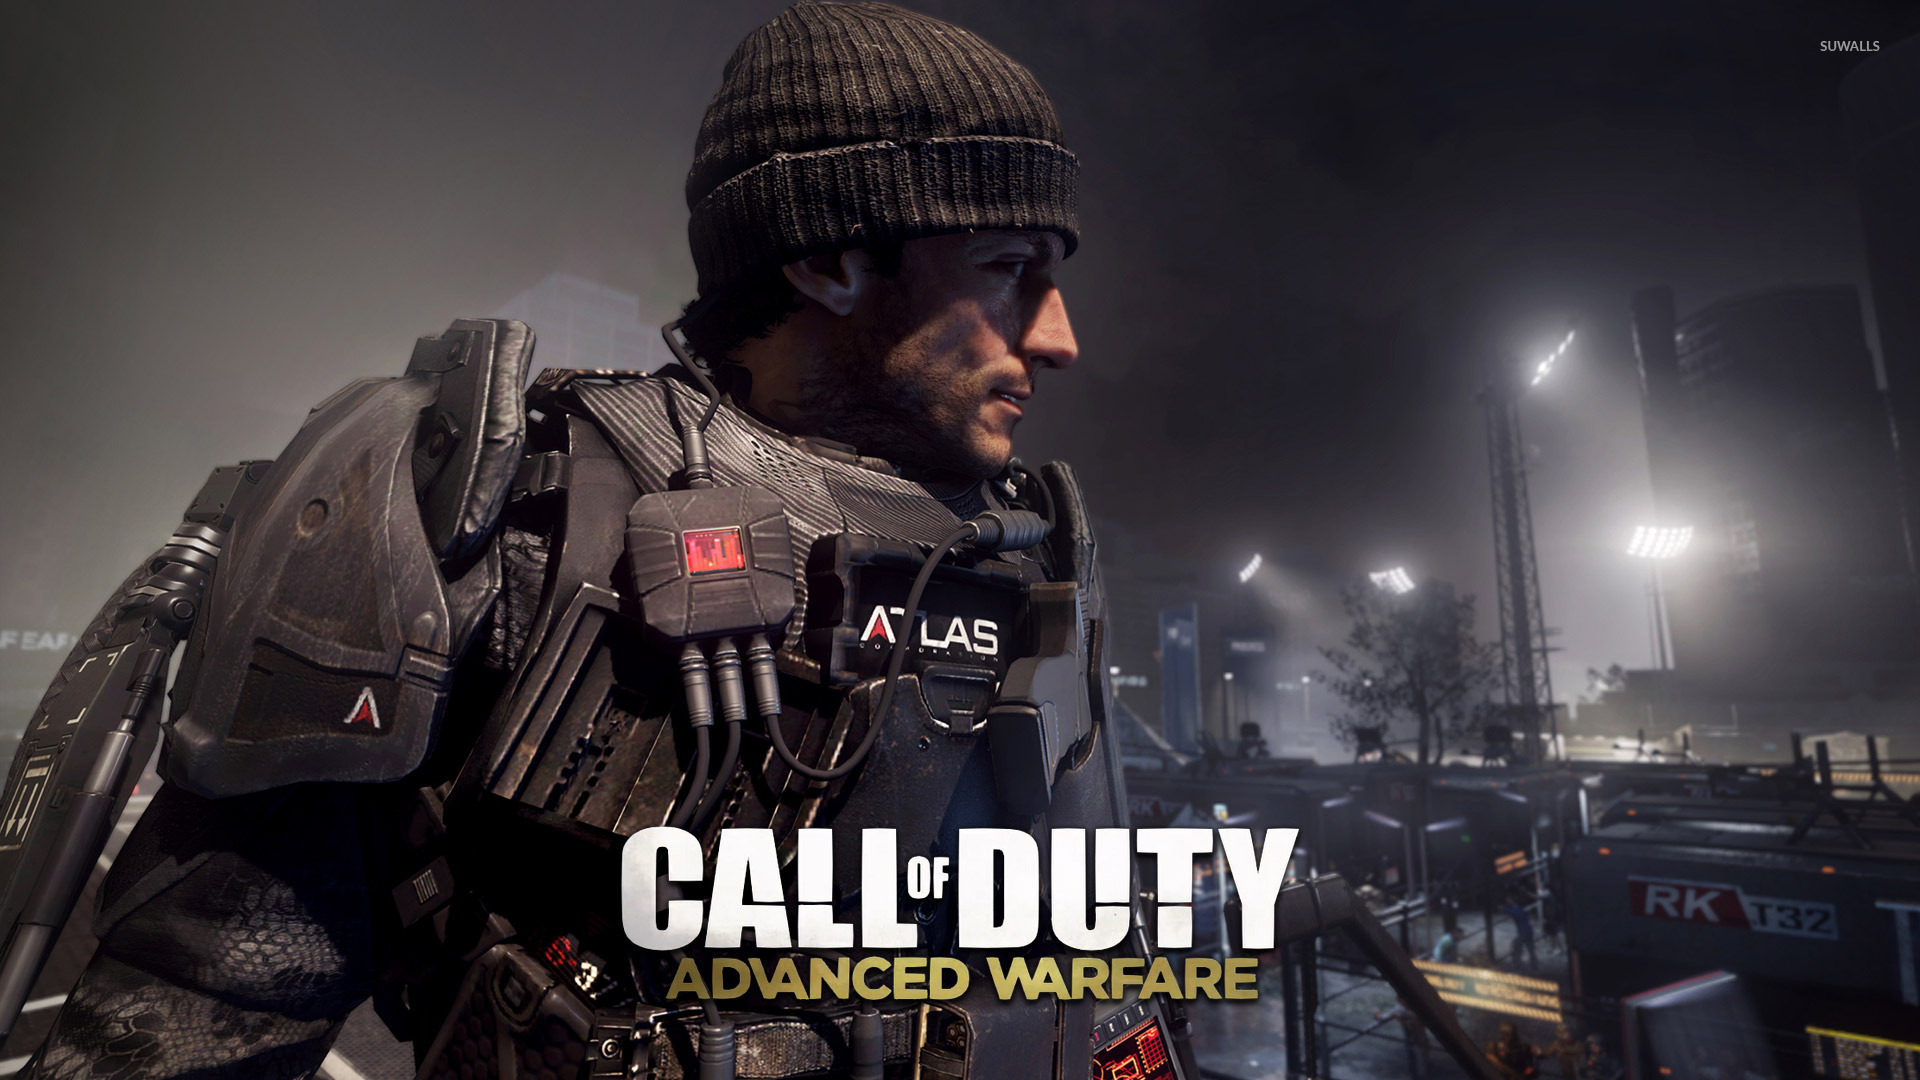 نتیجه تصویری برای COD Advanced warfare 1920x1080